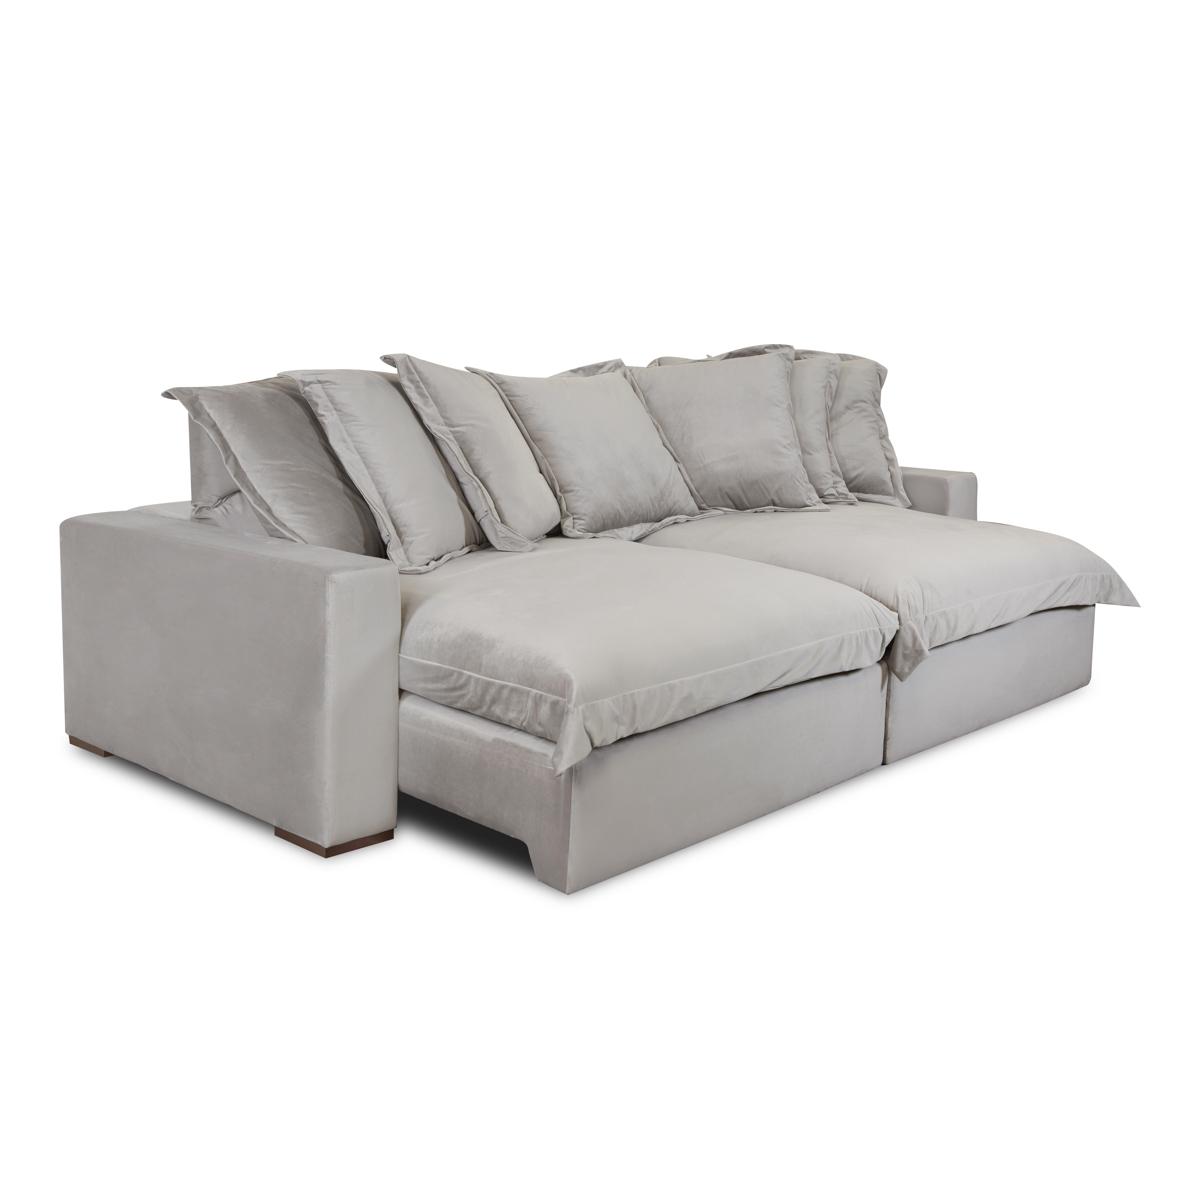 Sofá Retrátil e Reclinável 290cm Potenza Cinza  - Formato Móveis e Decorações